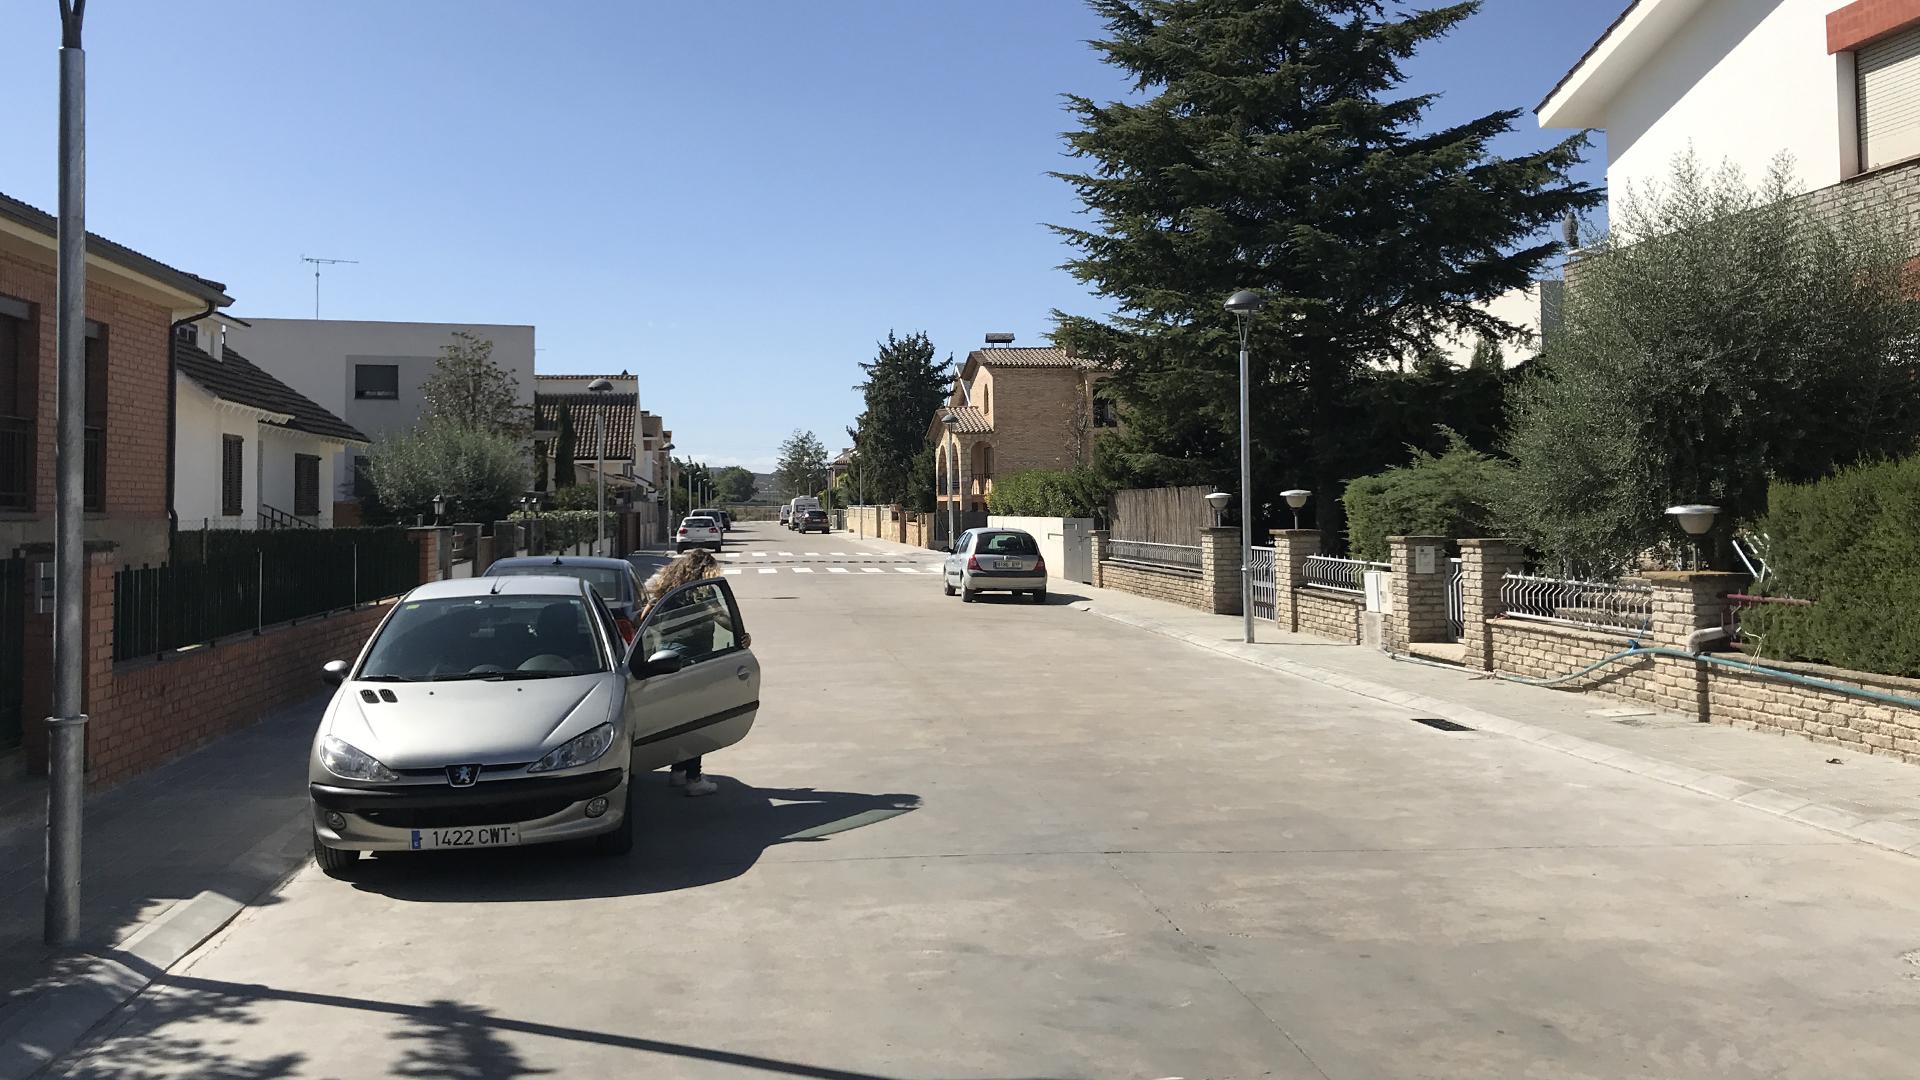 L'Ajuntament de les Borges dóna per finalitzades les obres de reforma del carrer Marinada